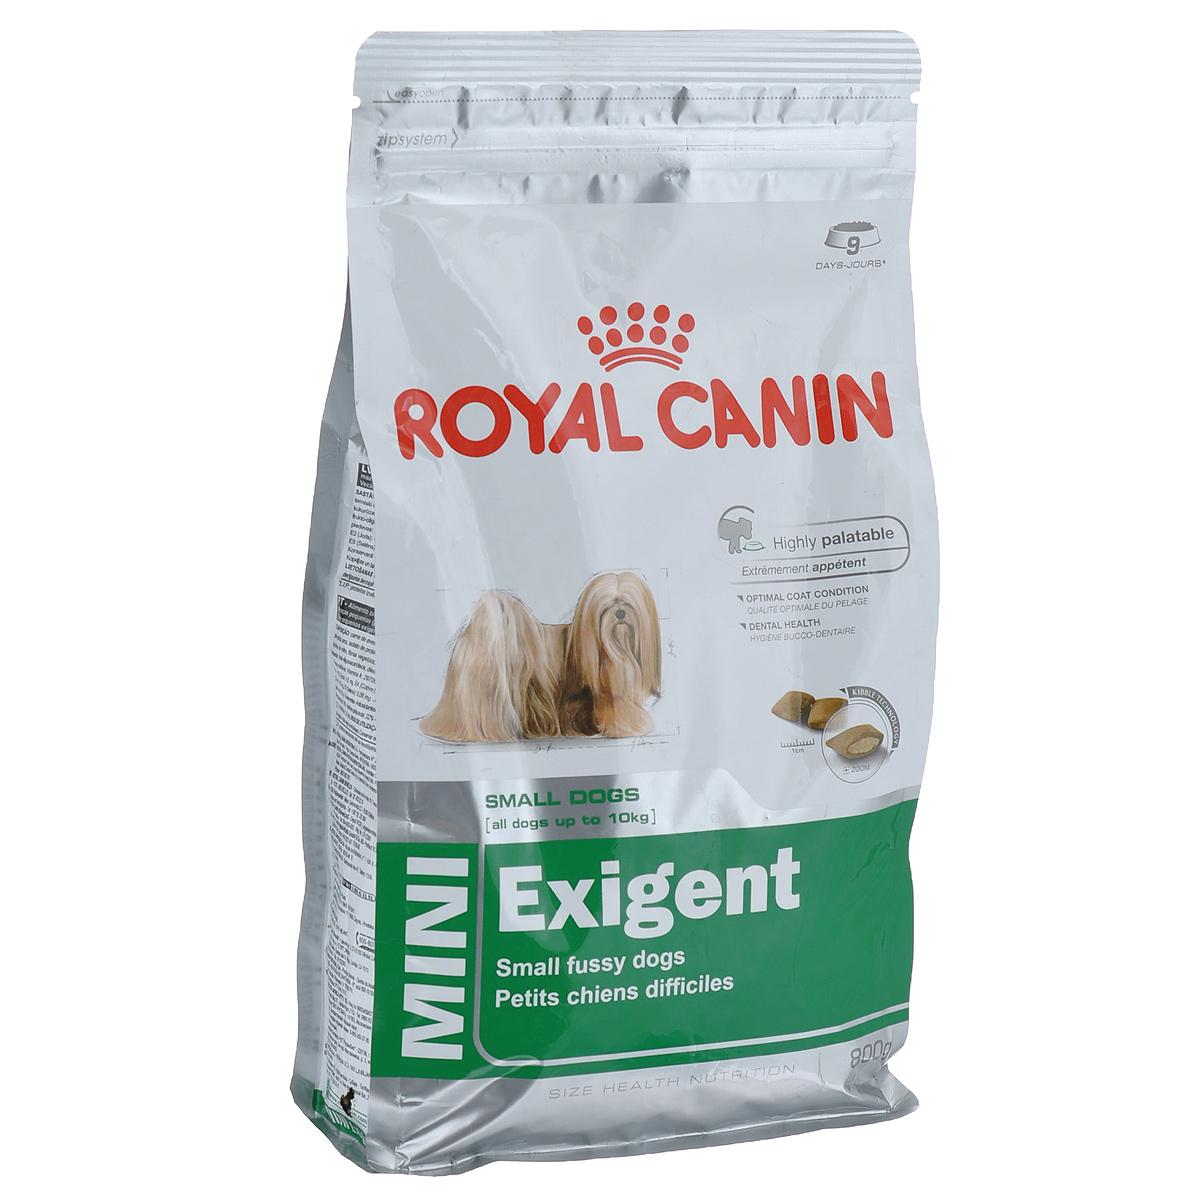 Корм сухой Royal Canin Mini Exigent, для собак мелких пород, привередливых в питании, 800 г313008Полнорационный сухой корм Royal Canin Mini Exigent для подходит собакам мелких размеров (вес взрослой собаки до 10 кг) старше 10 месяцев. Специальная технология изготовления крокет сочетает 2 вида текстур (хрустящую и мягкую), а также уникальные вкусовые добавки, что придется по вкусу даже самым привередливым собакам мелких размеров. Корм питает шерсть благодаря включению в состав корма серосодержащих аминокислот (метионин и цистин), жирных кислот Омега 6 и витамина А. Помогает замедлить образование зубного налета благодаря полифосфату натрия, который связывает кальций, содержащийся в слюне. Состав: дегидратированное мясо птицы, животные жиры, предварительно обработанная пшеничная мука, рис, изолят растительных белков L.I.P., гидролизат белков животного происхождения, кукурузная мука, растительная клетчатка, свекольный жом, рыбий жир, минеральные вещества, фруктоолигосахариды, масло огуречника аптечного 0,1%. Добавки в 1 кг: витамин А 29700 МЕ, витамин D3 800 МЕ,...